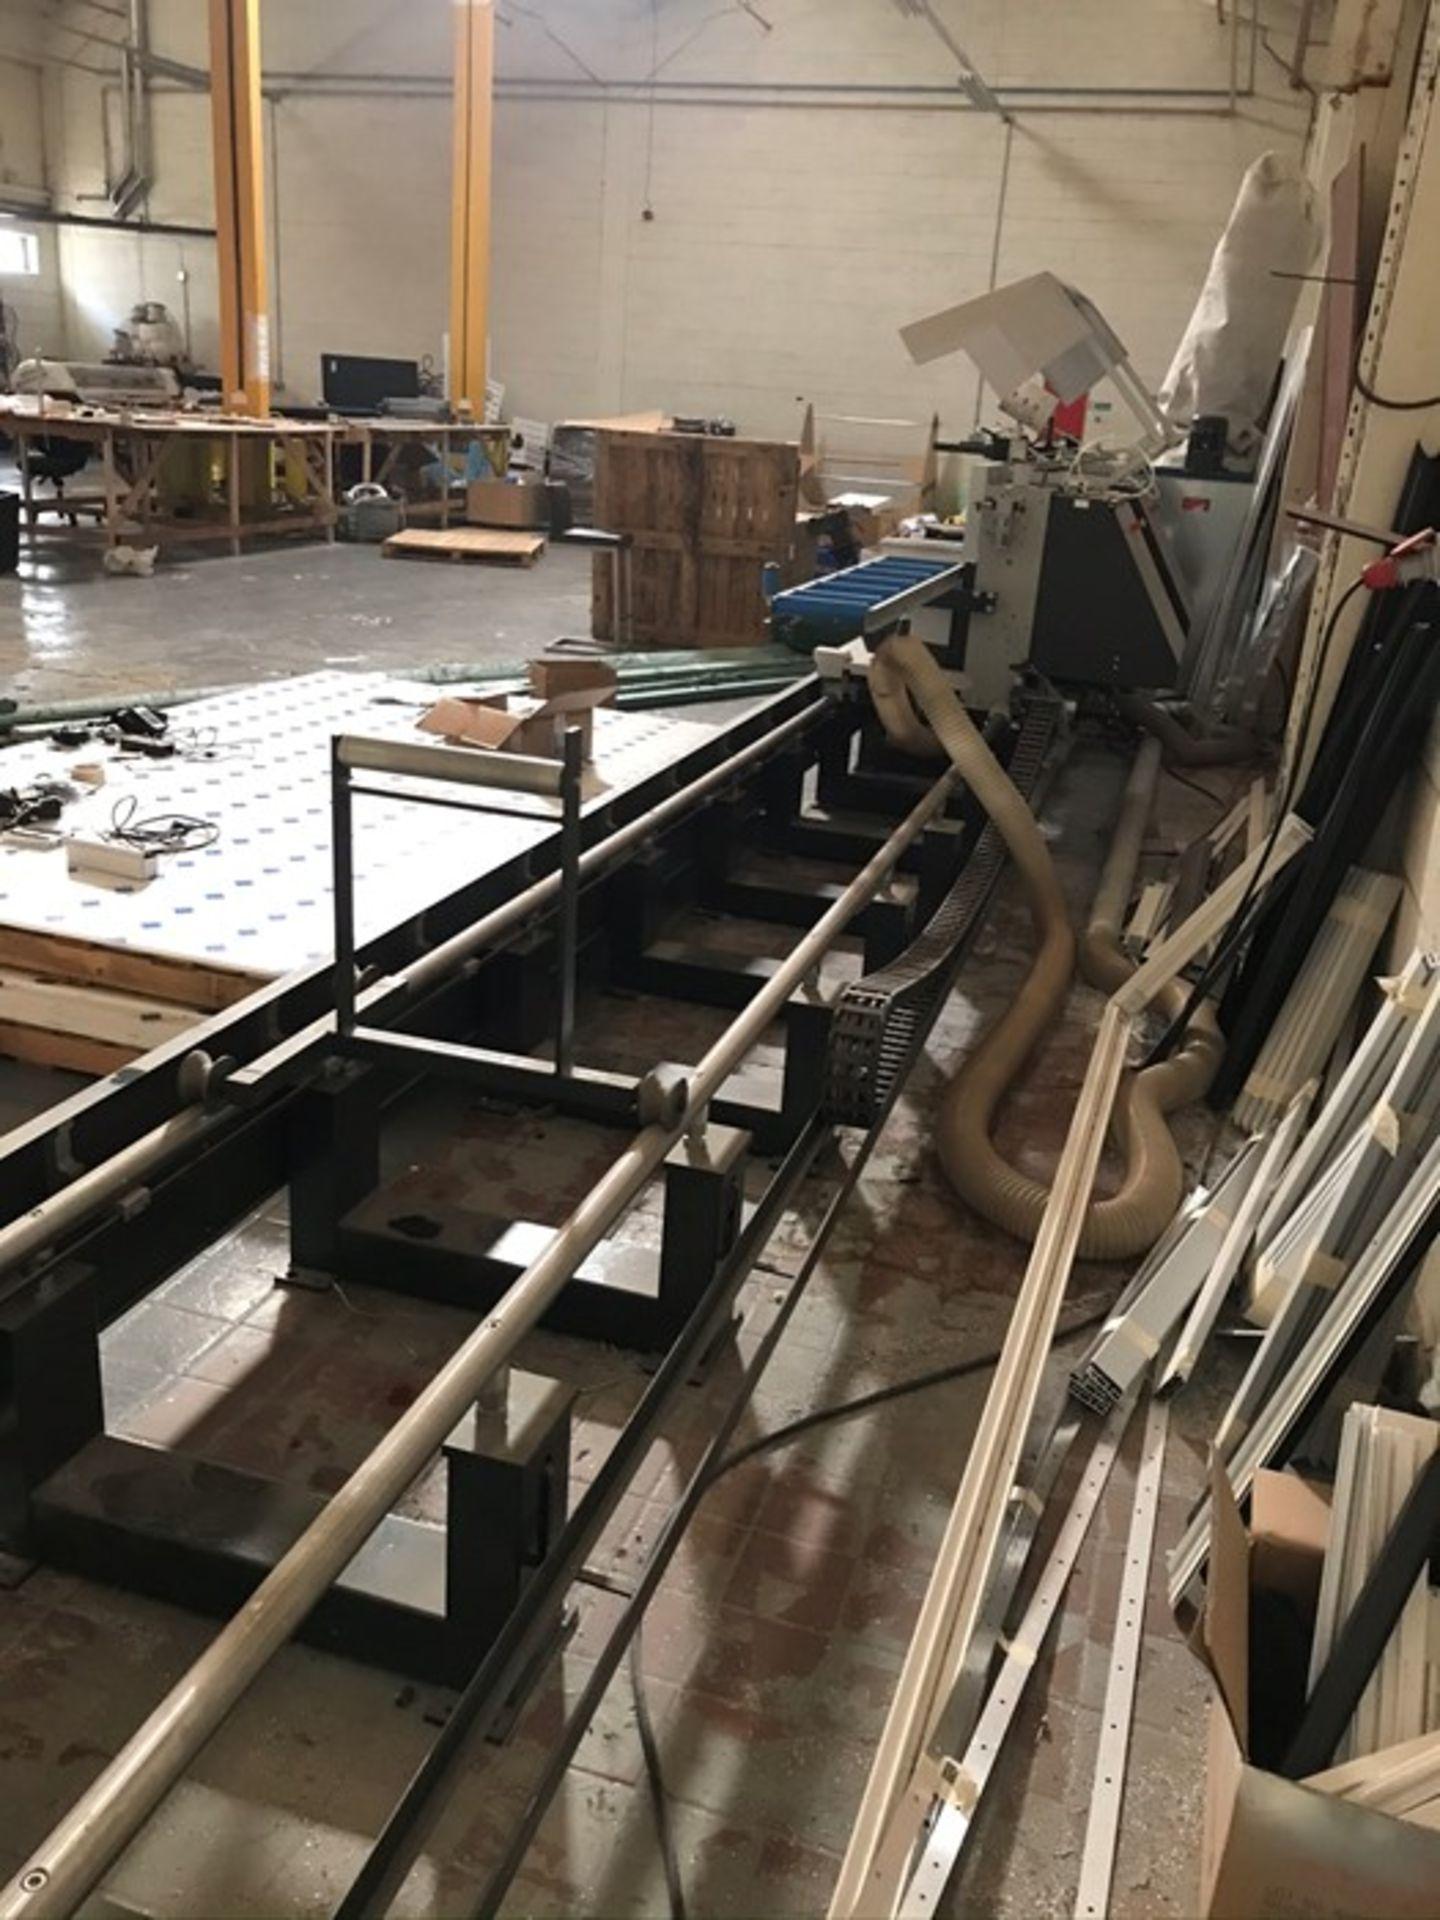 Elumatec DG104 / E355 6m double mitre saw (2015) - Image 8 of 12